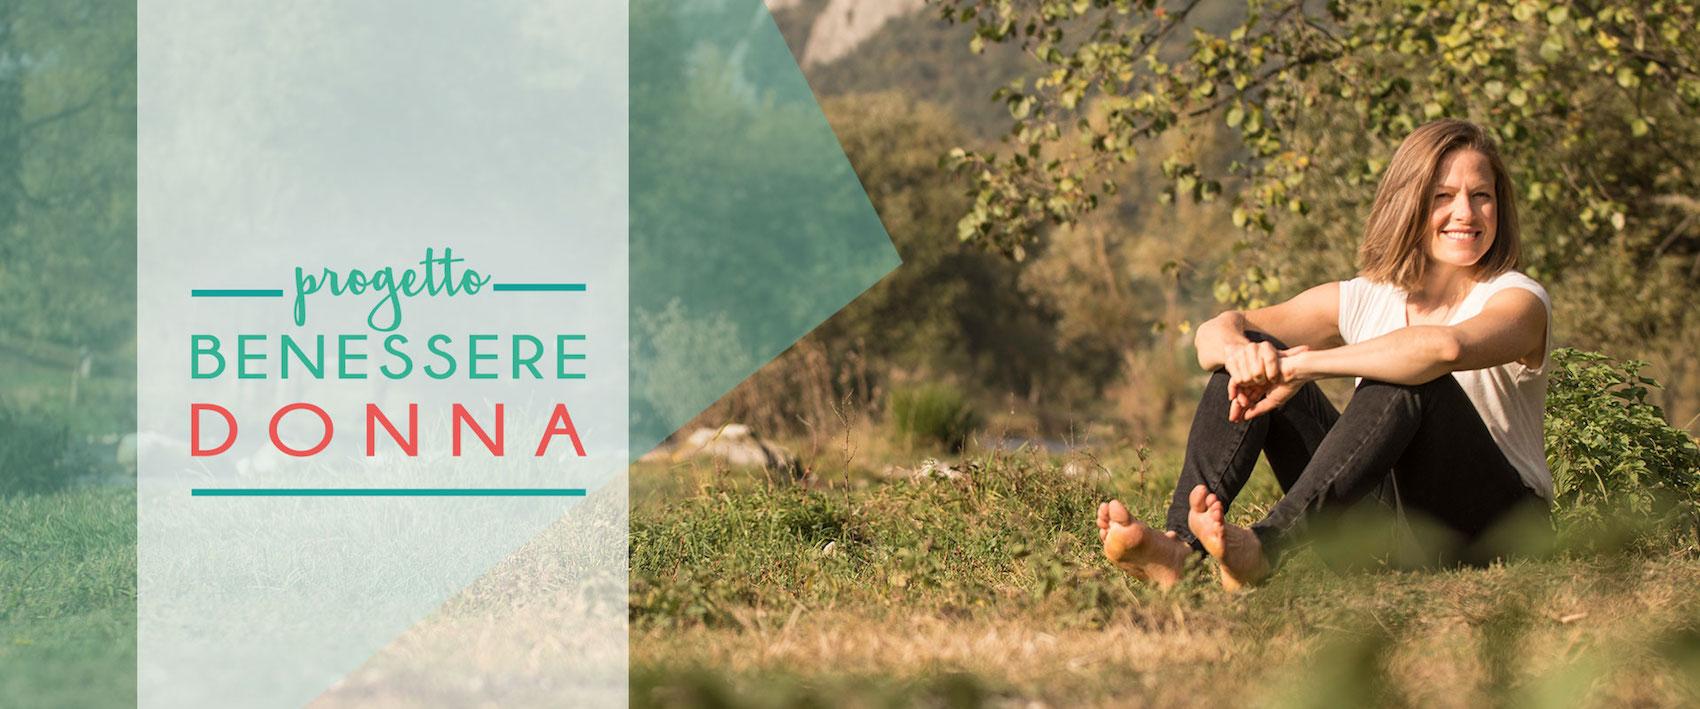 Progetto benessere donna Chiara Regolini